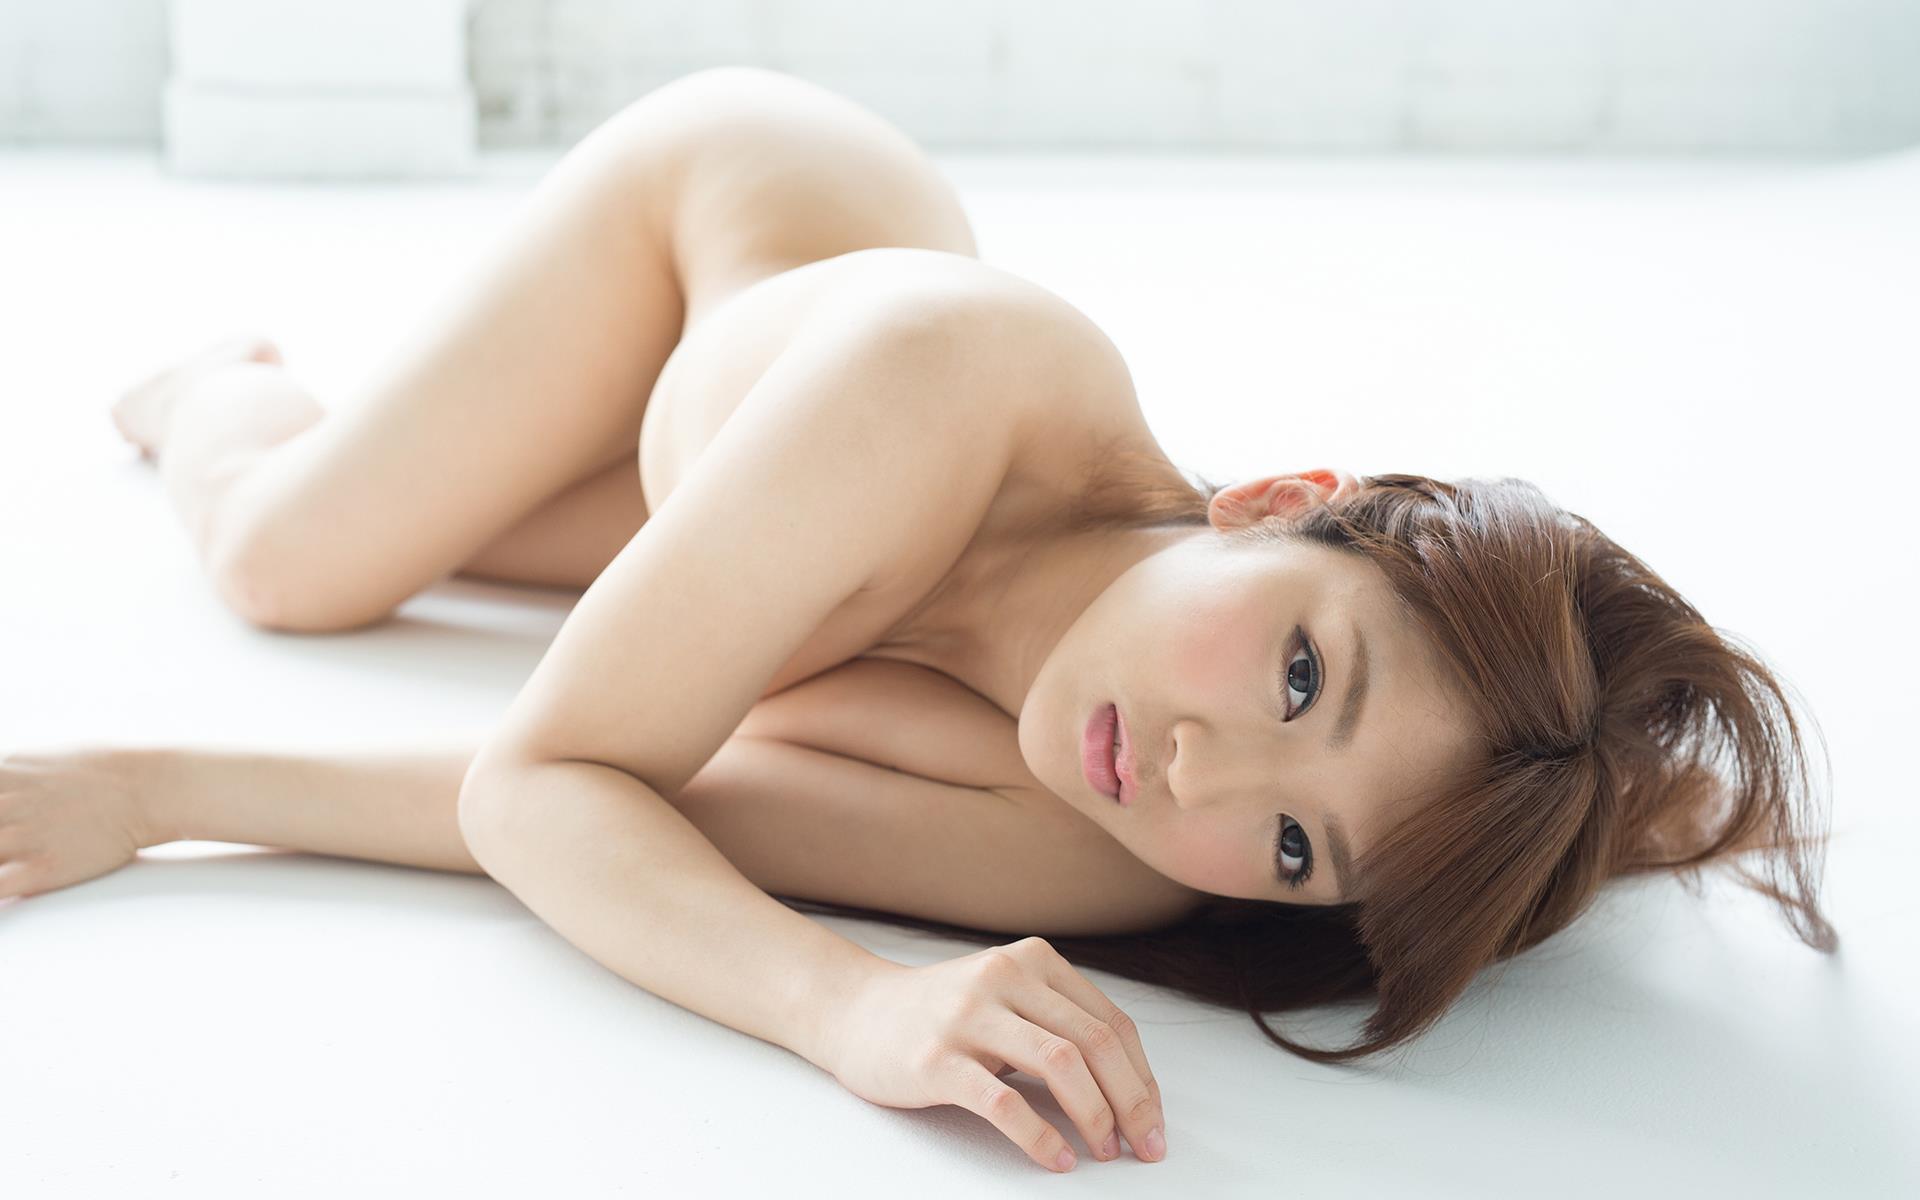 神咲詩織のムチムチなGカップ美巨乳ヌード画像